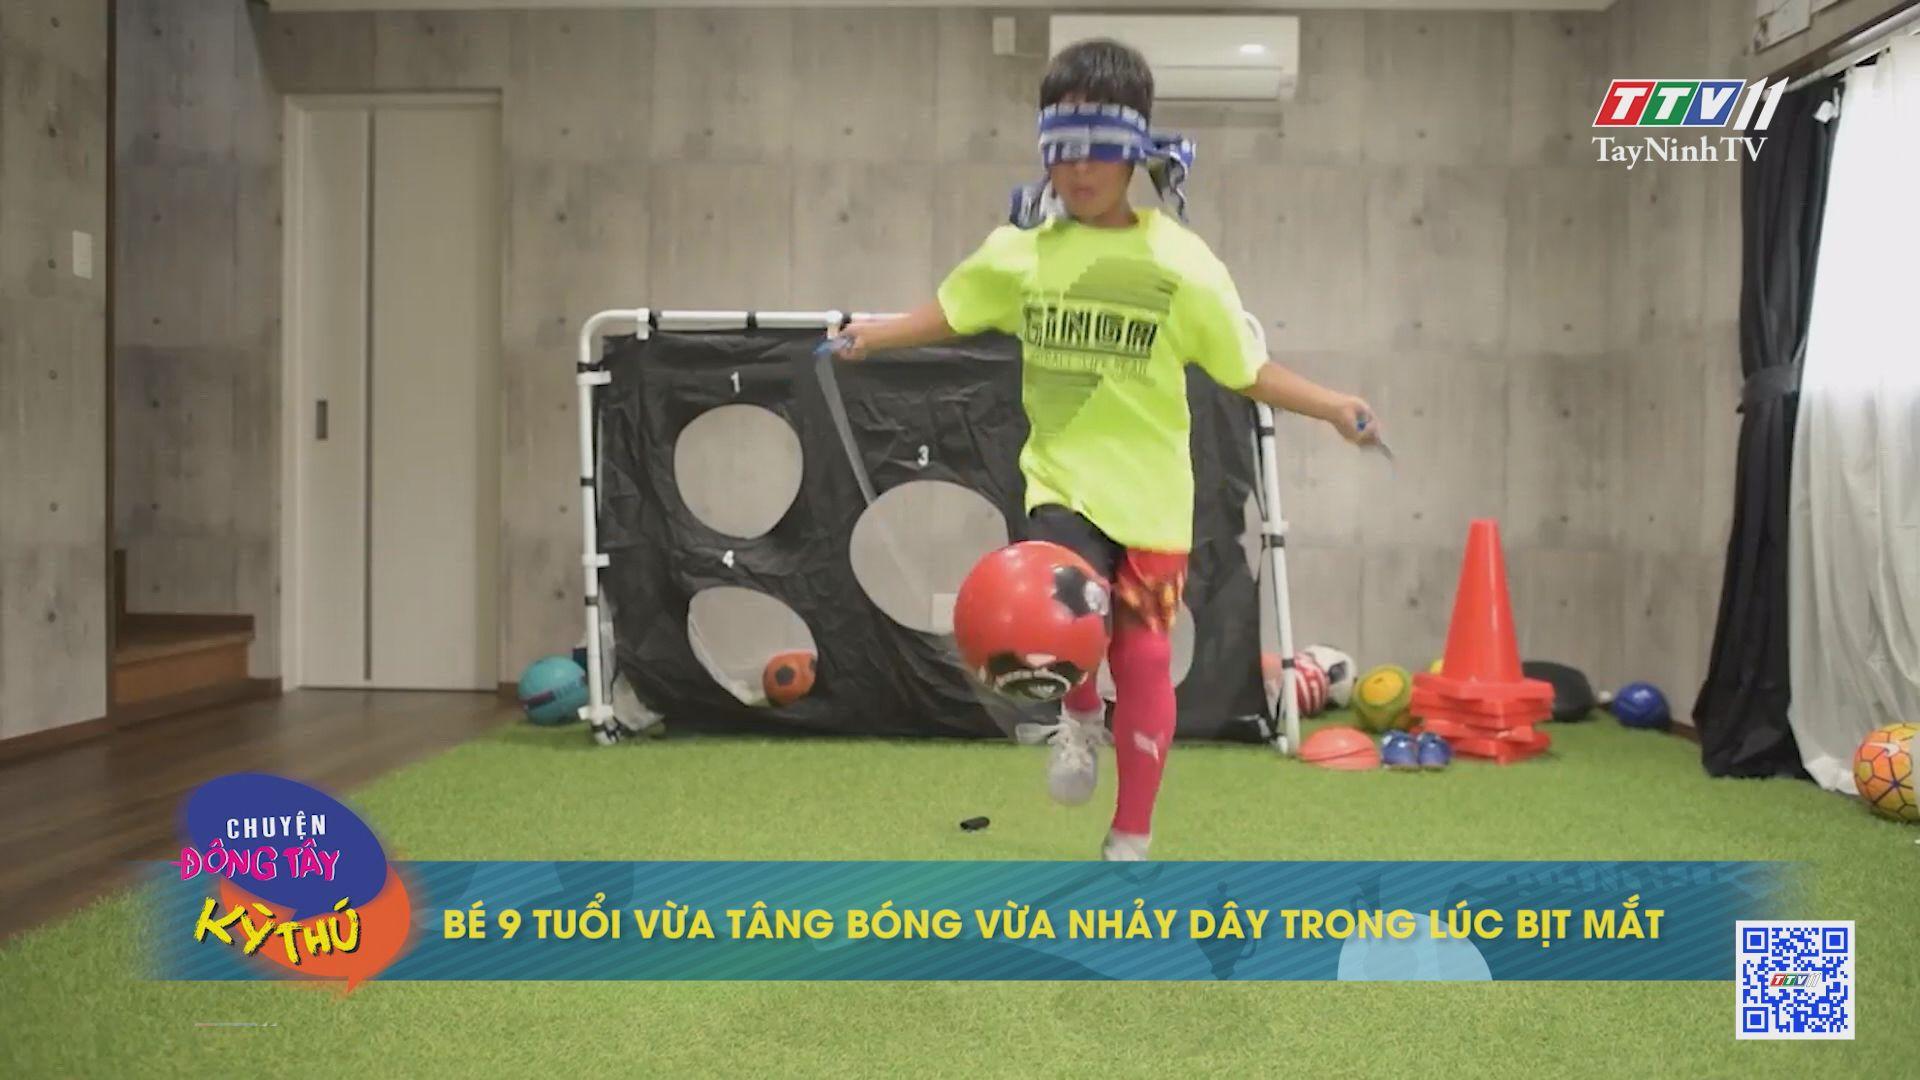 Bé 9 tuổi vừa tâng bóng vừa nhảy dây trong lúc bịt mắt | CHUYỆN ĐÔNG TÂY KỲ THÚ | TayNinhTVE